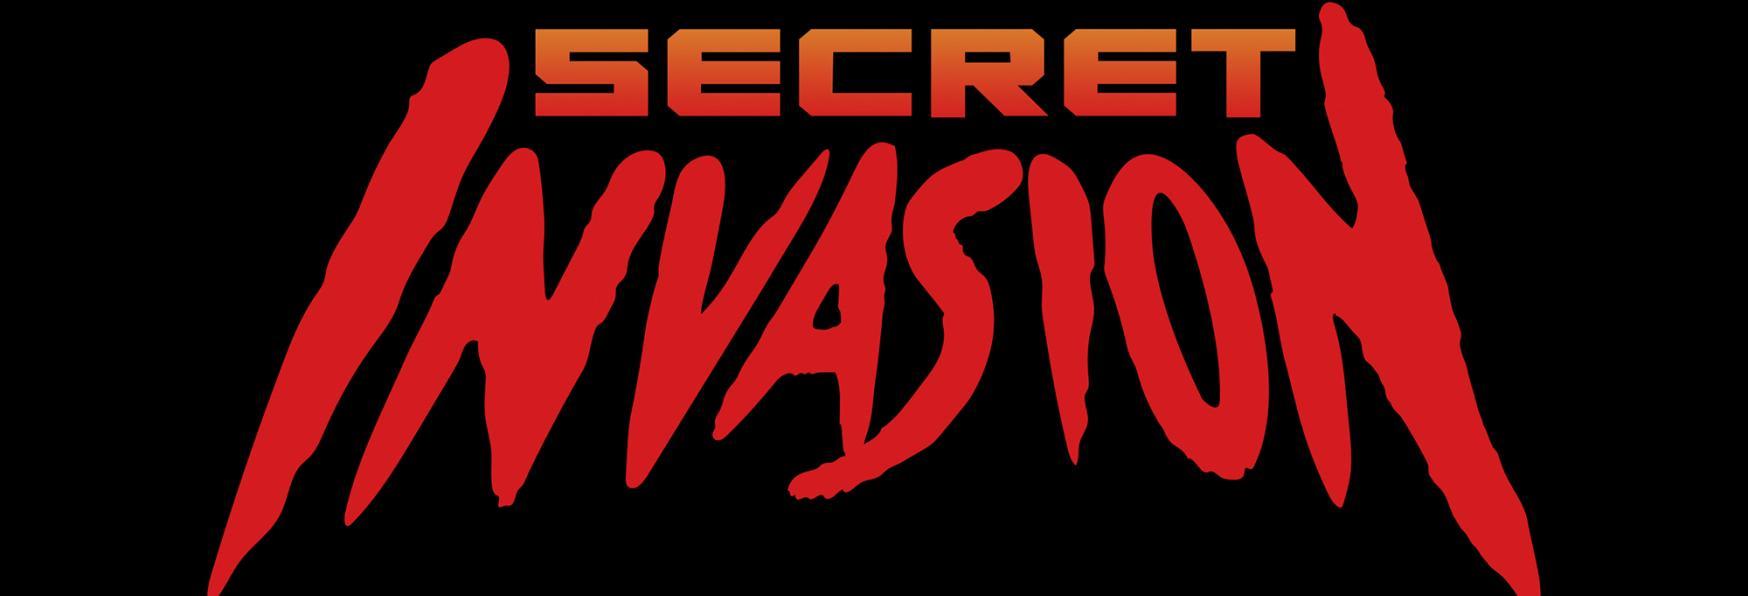 Secret Invasion: Frank Walsh (Game of Thrones, Lost in Space) sarà lo Sceneggiatore della Serie TV Marvel